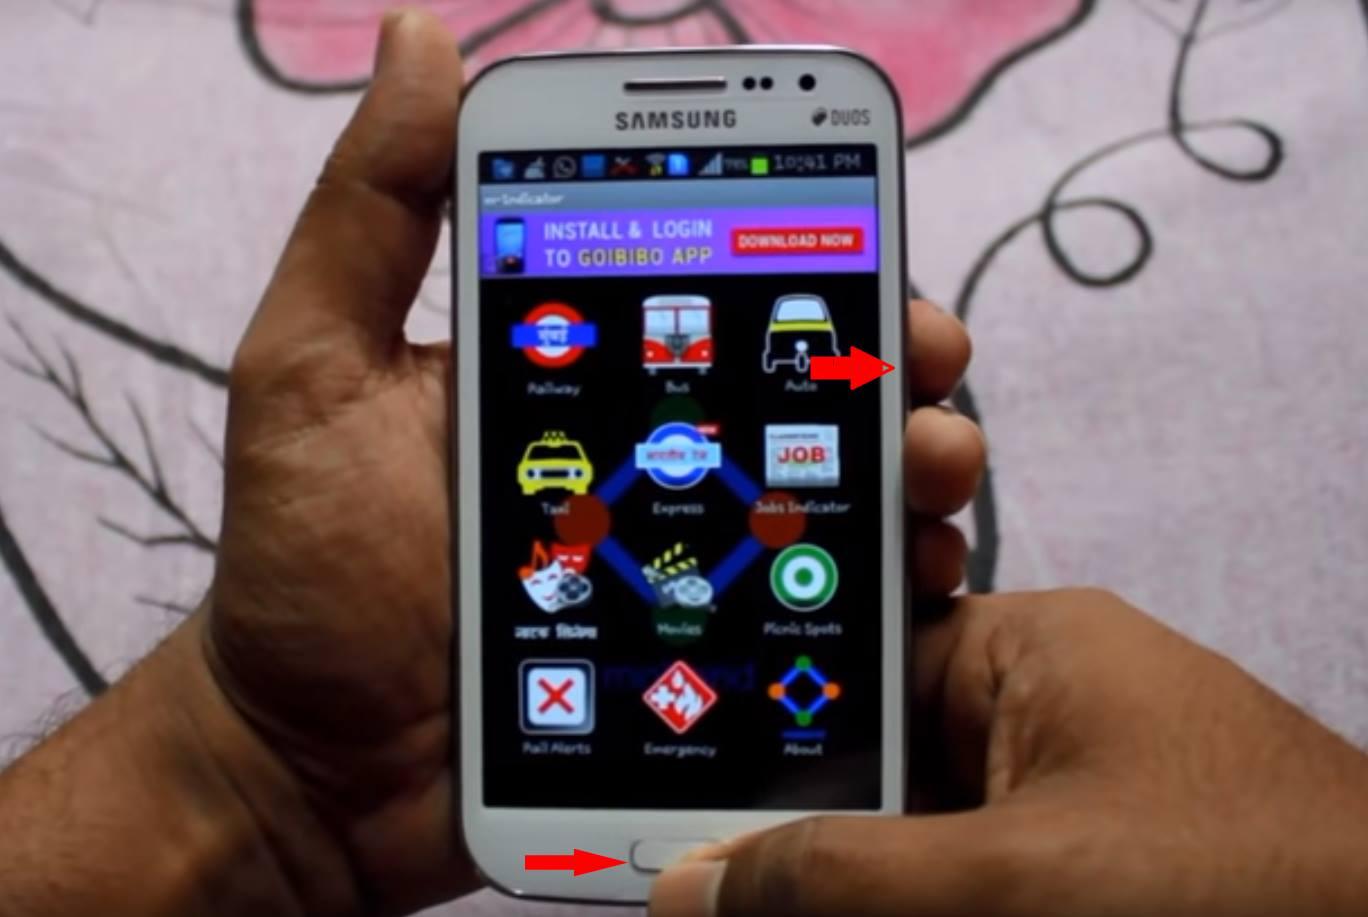 Как сделать скриншот на телефоне bq на андроиде - все способы тарифкин.ру как сделать скриншот на телефоне bq на андроиде - все способы